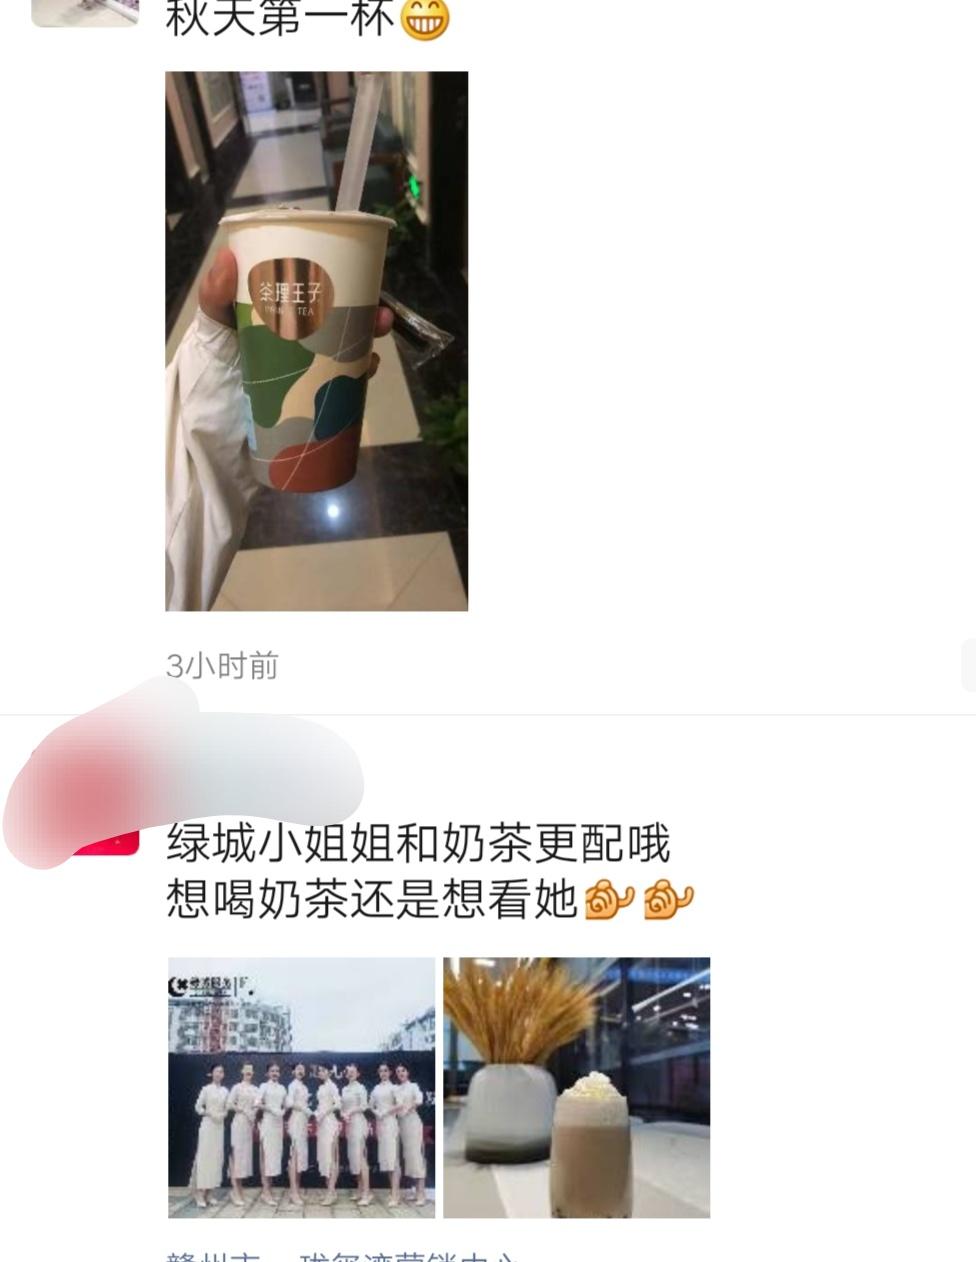 """微信朋友圈網絡詞""""秋天的第一杯奶"""